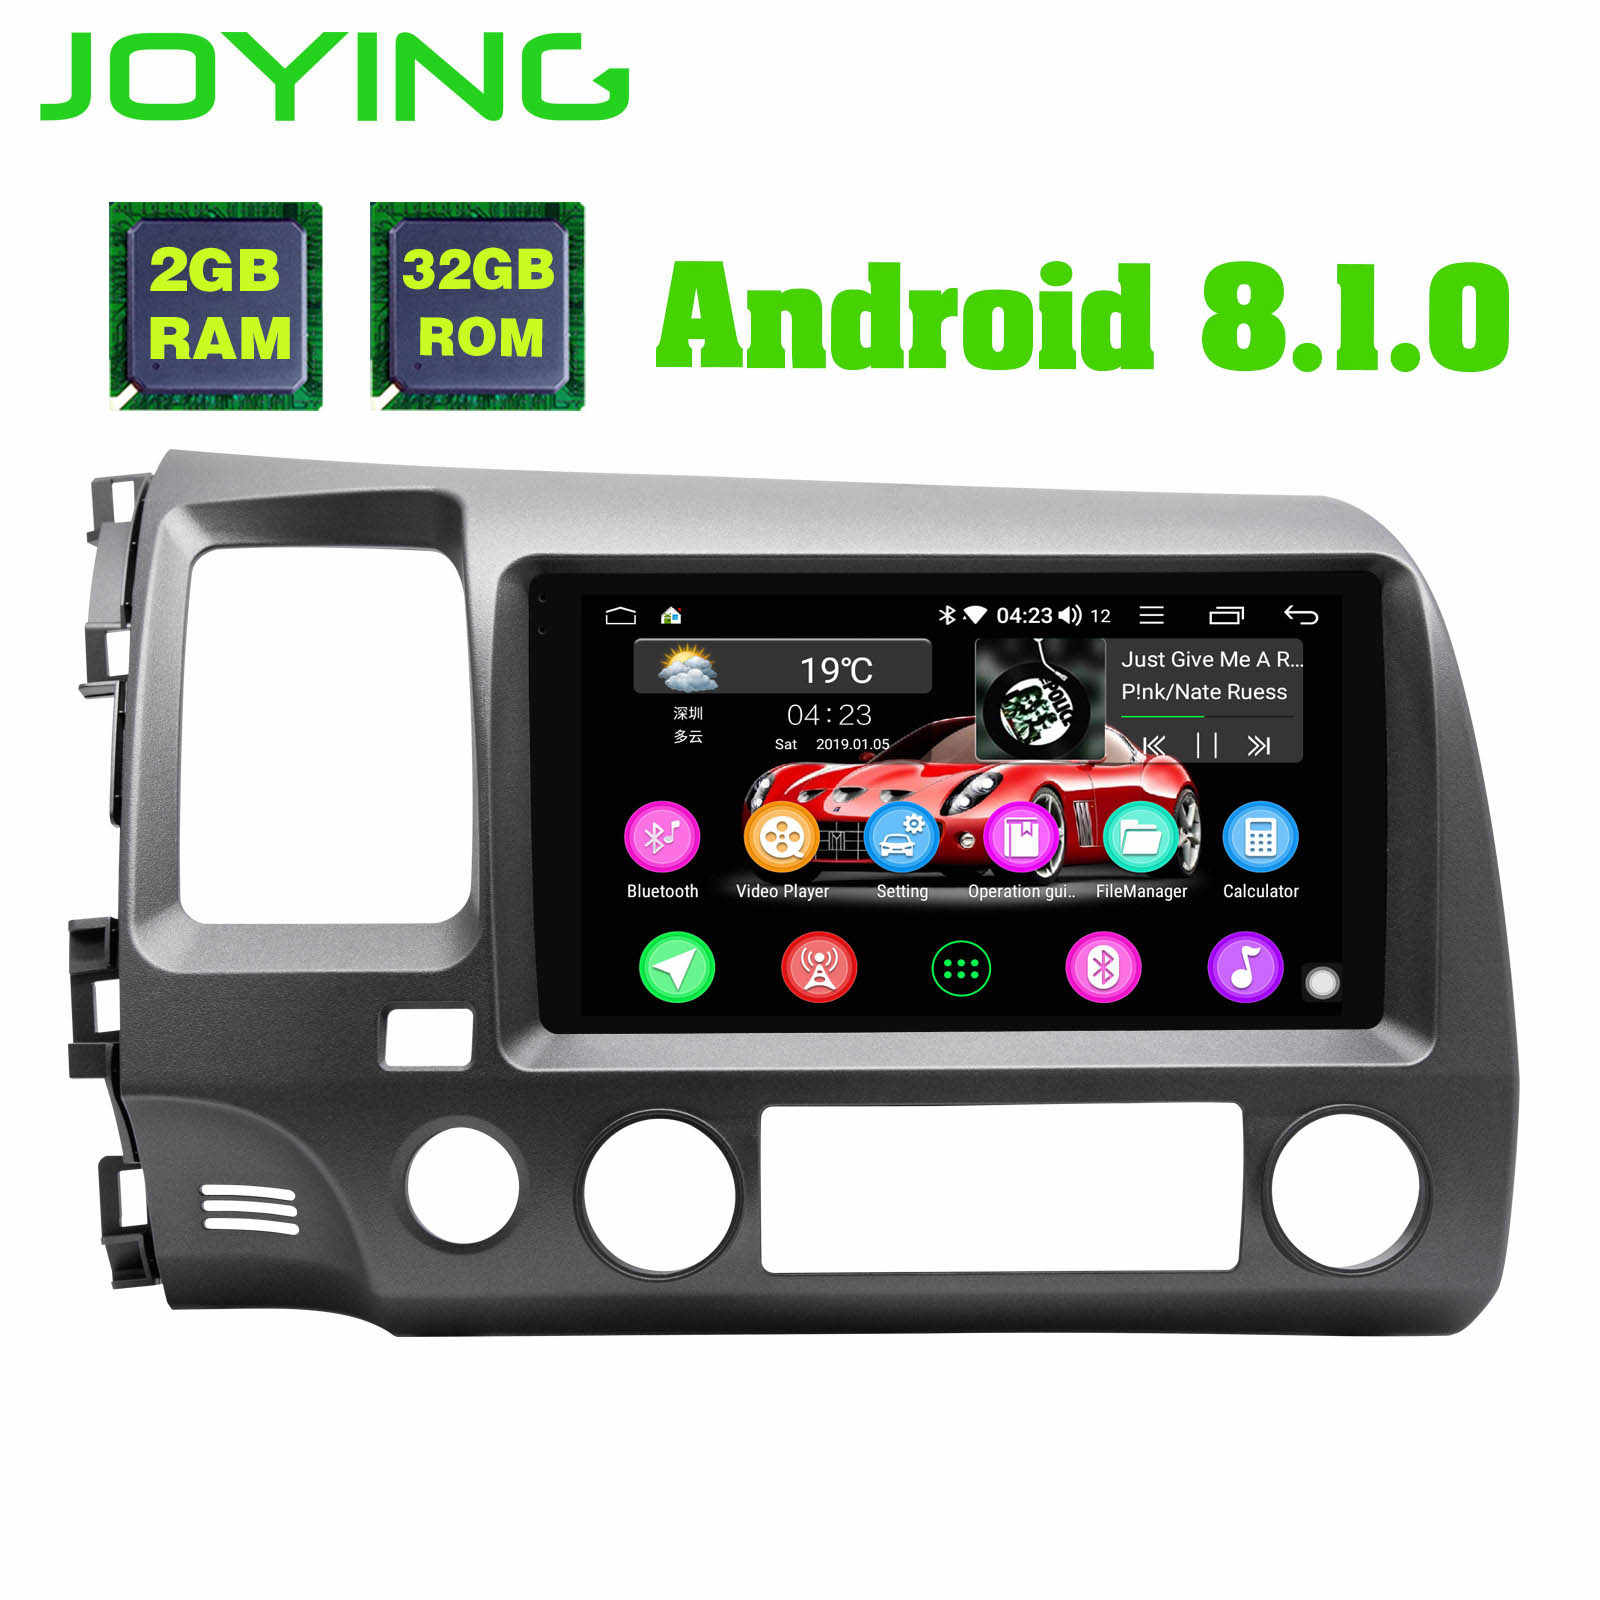 Joying 7